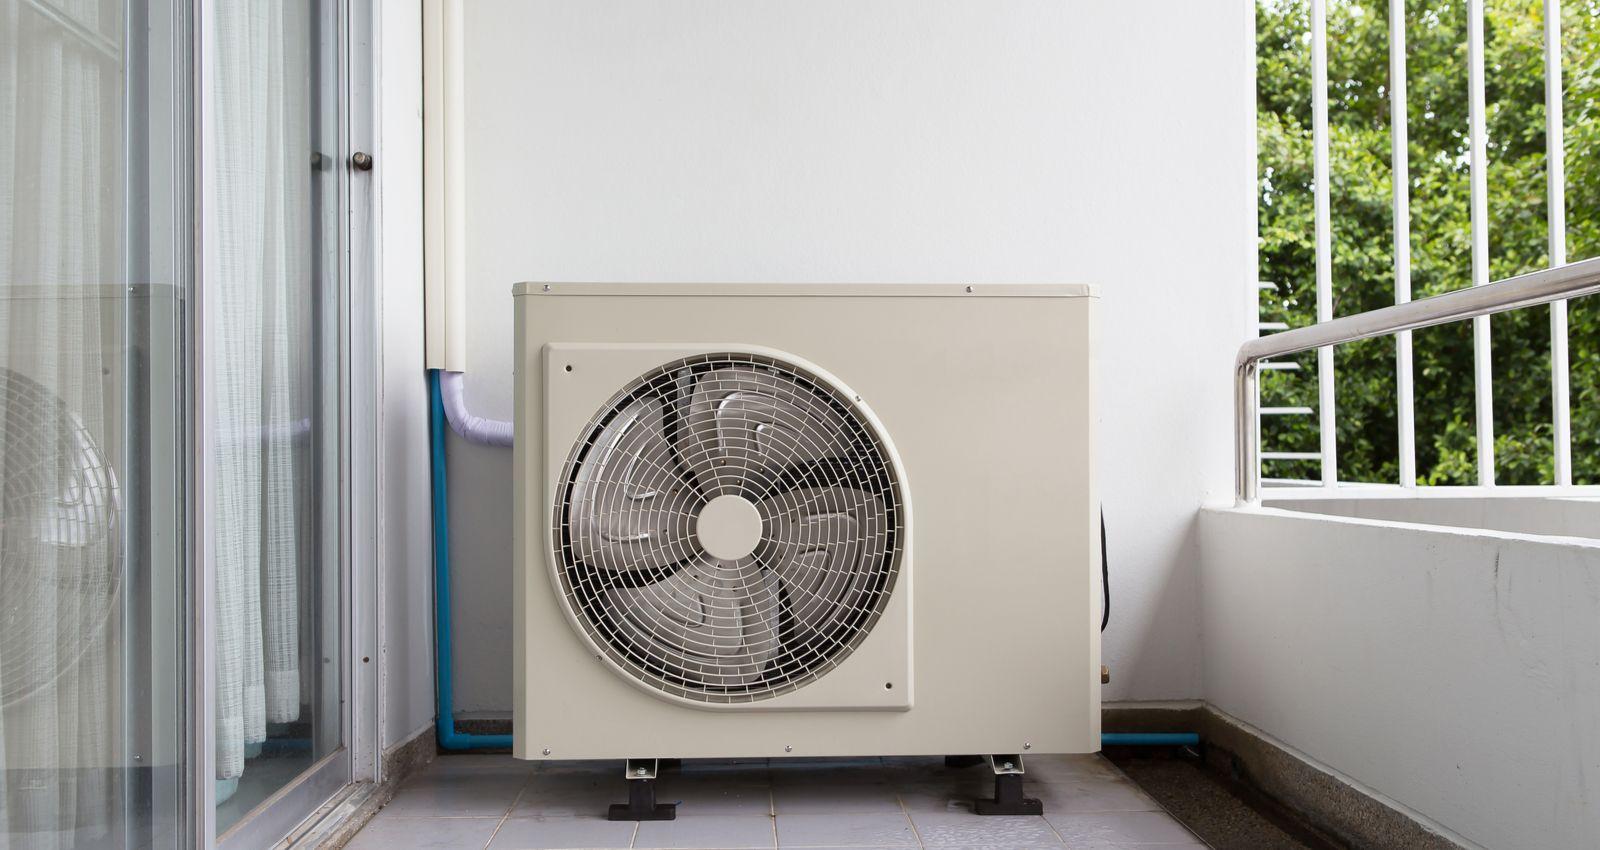 100 Génial Suggestions Peut On Installer Une Climatisation Dans Un Appartement